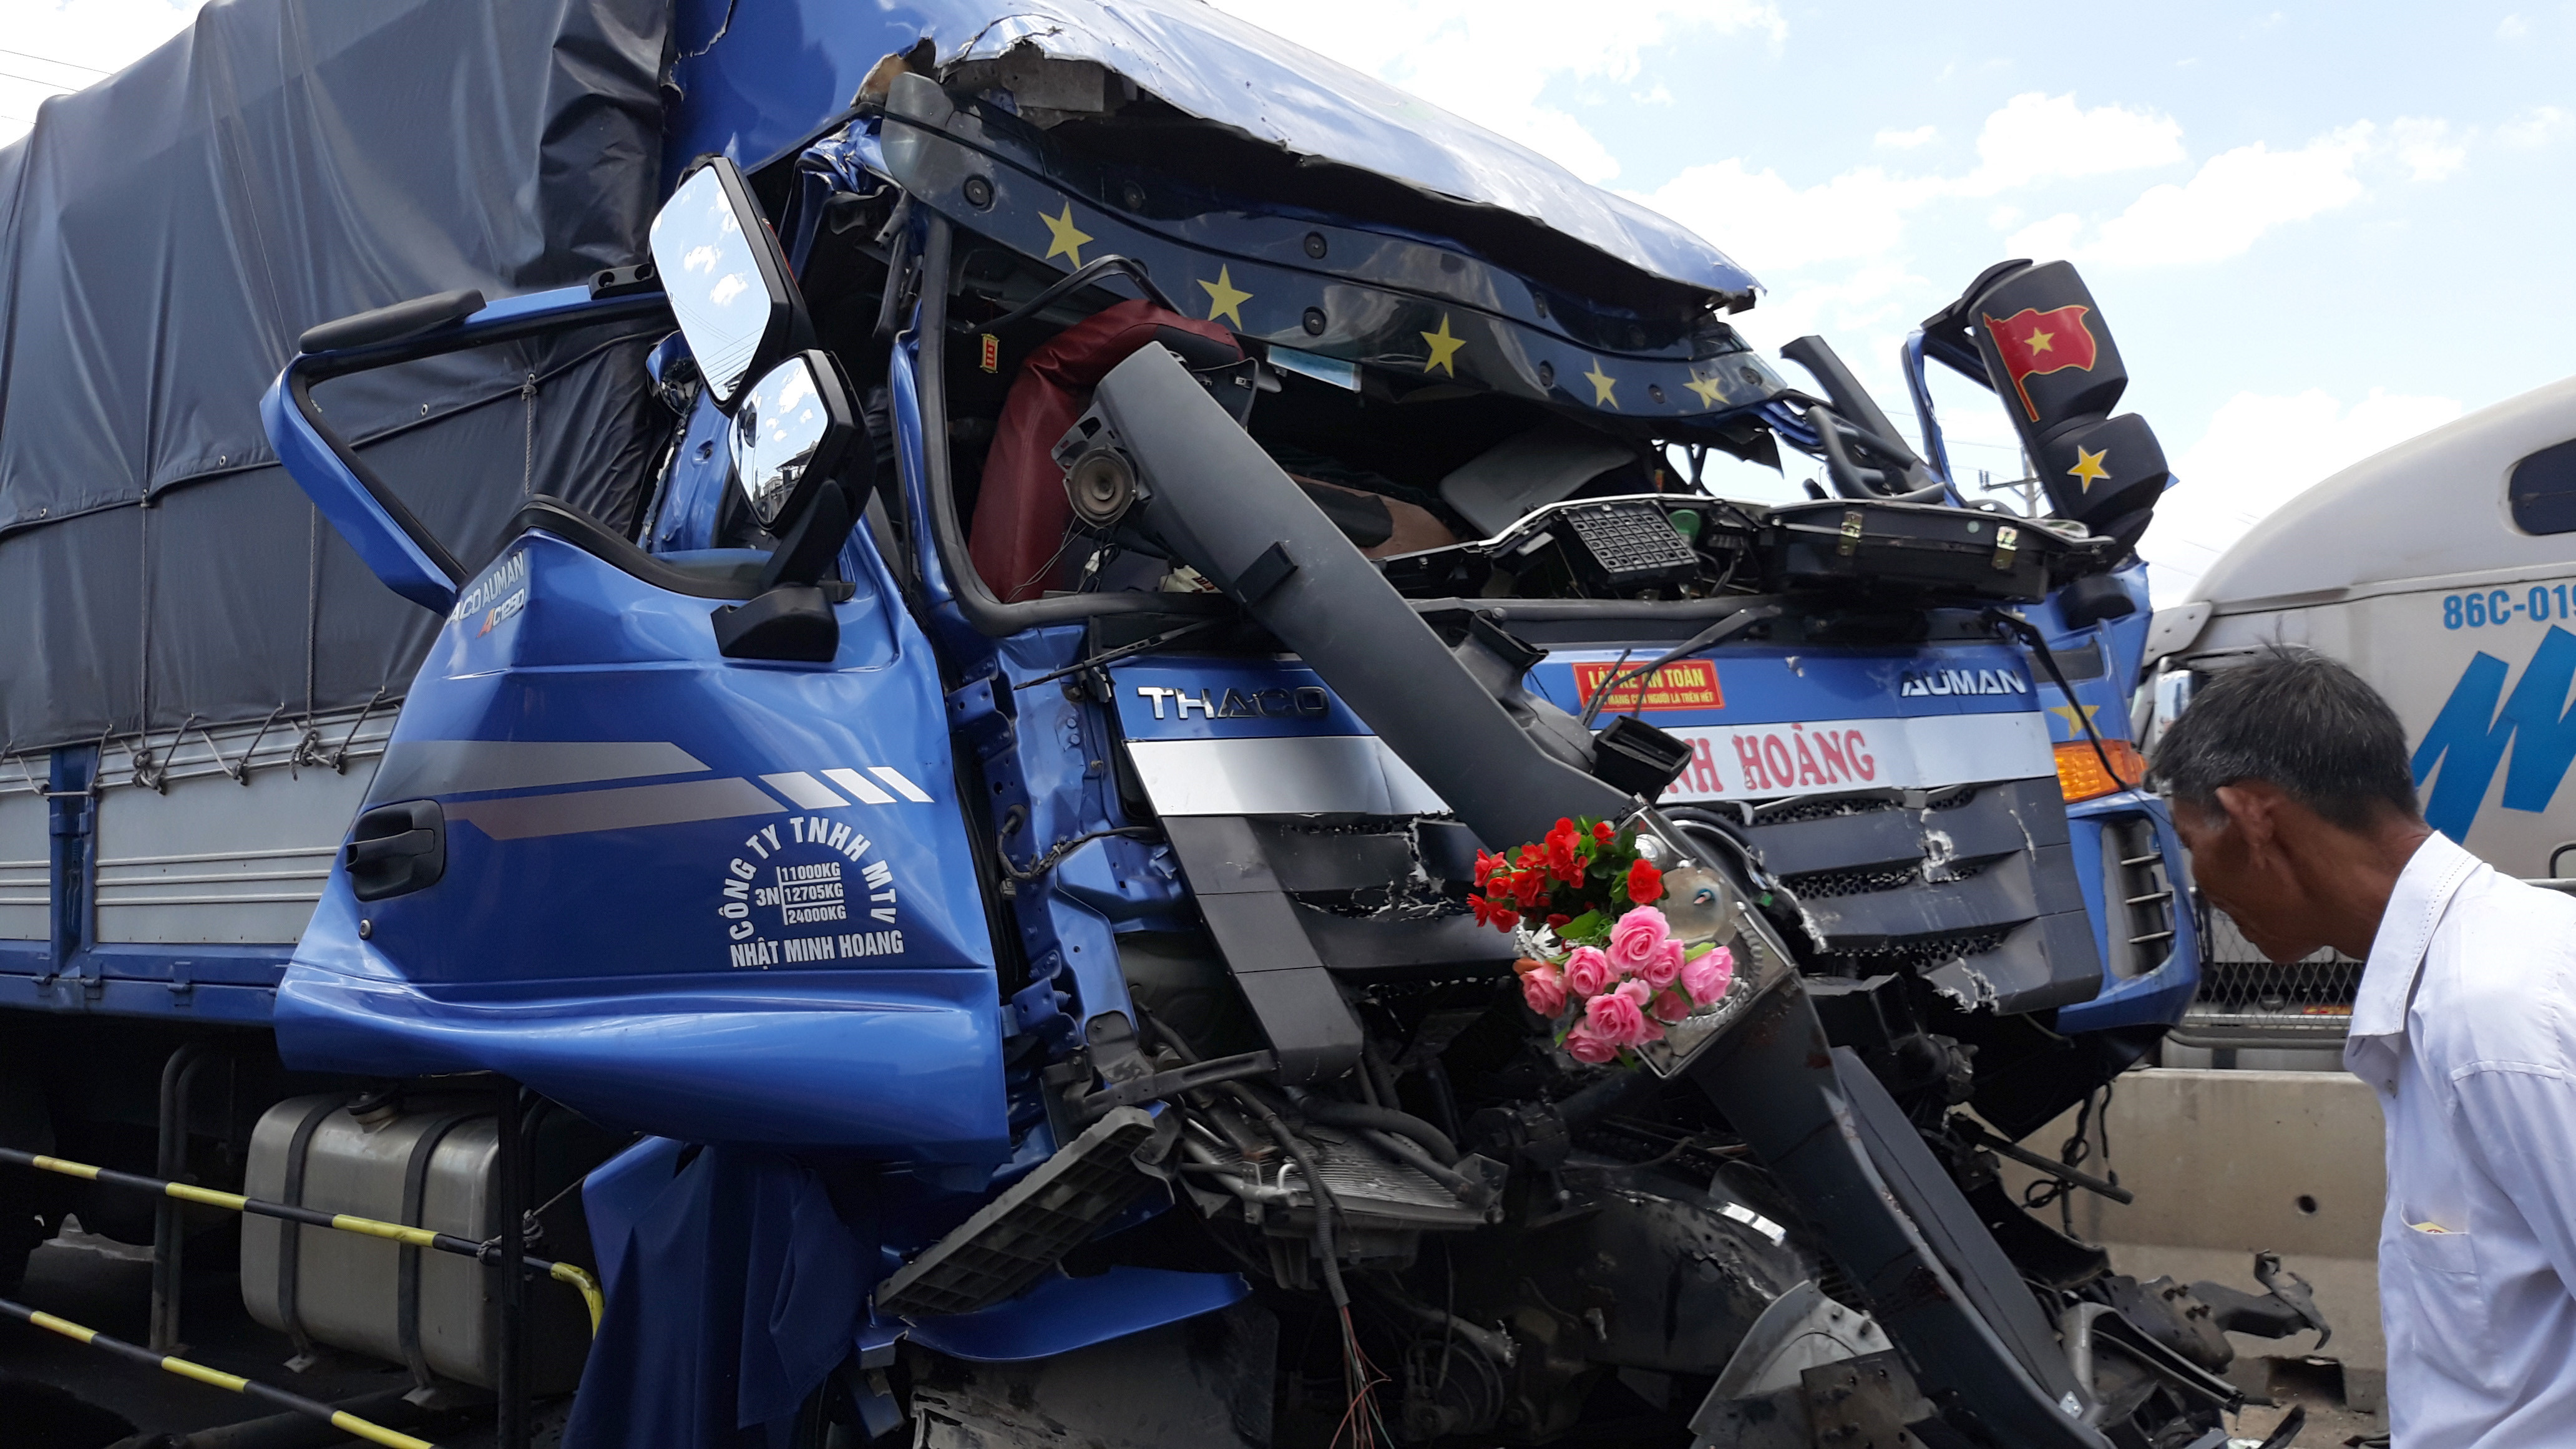 Tài xế ô tô tải tử vong trong cabin sau khi đâm vào đuôi xe đầu kéo